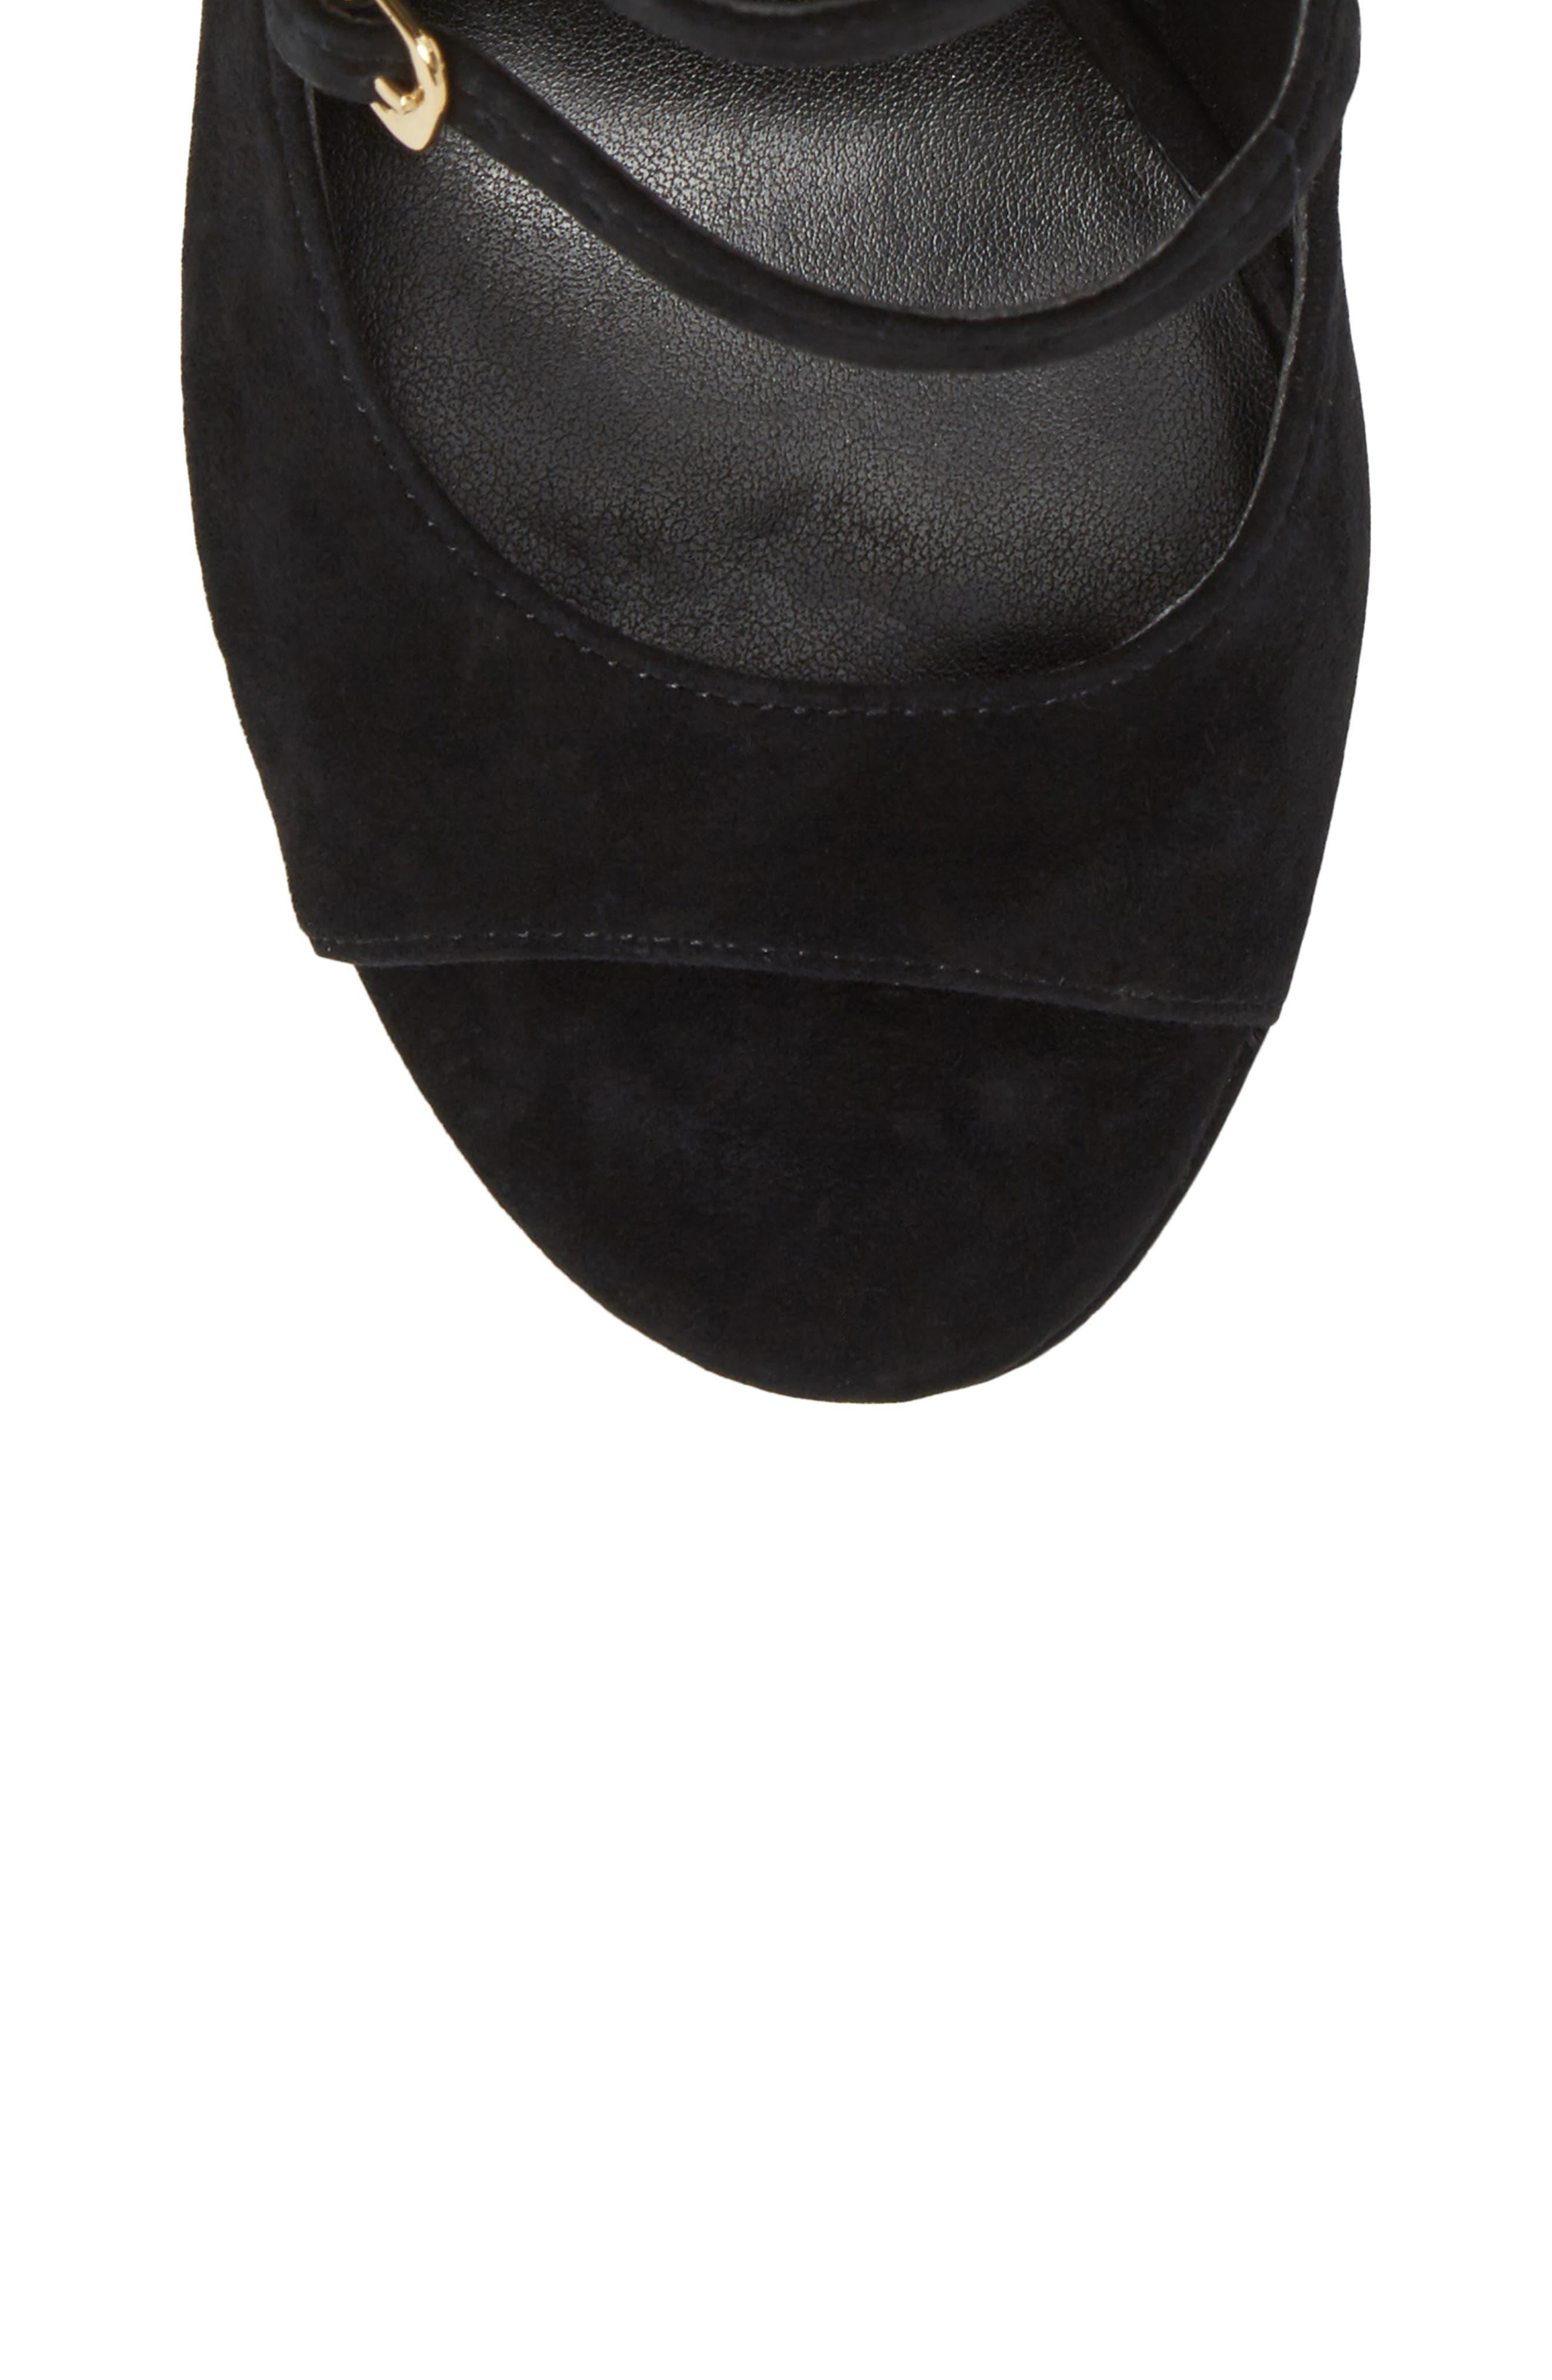 M4D3 Affair Cage Sandal,                             Alternate thumbnail 5, color,                             Black Leather